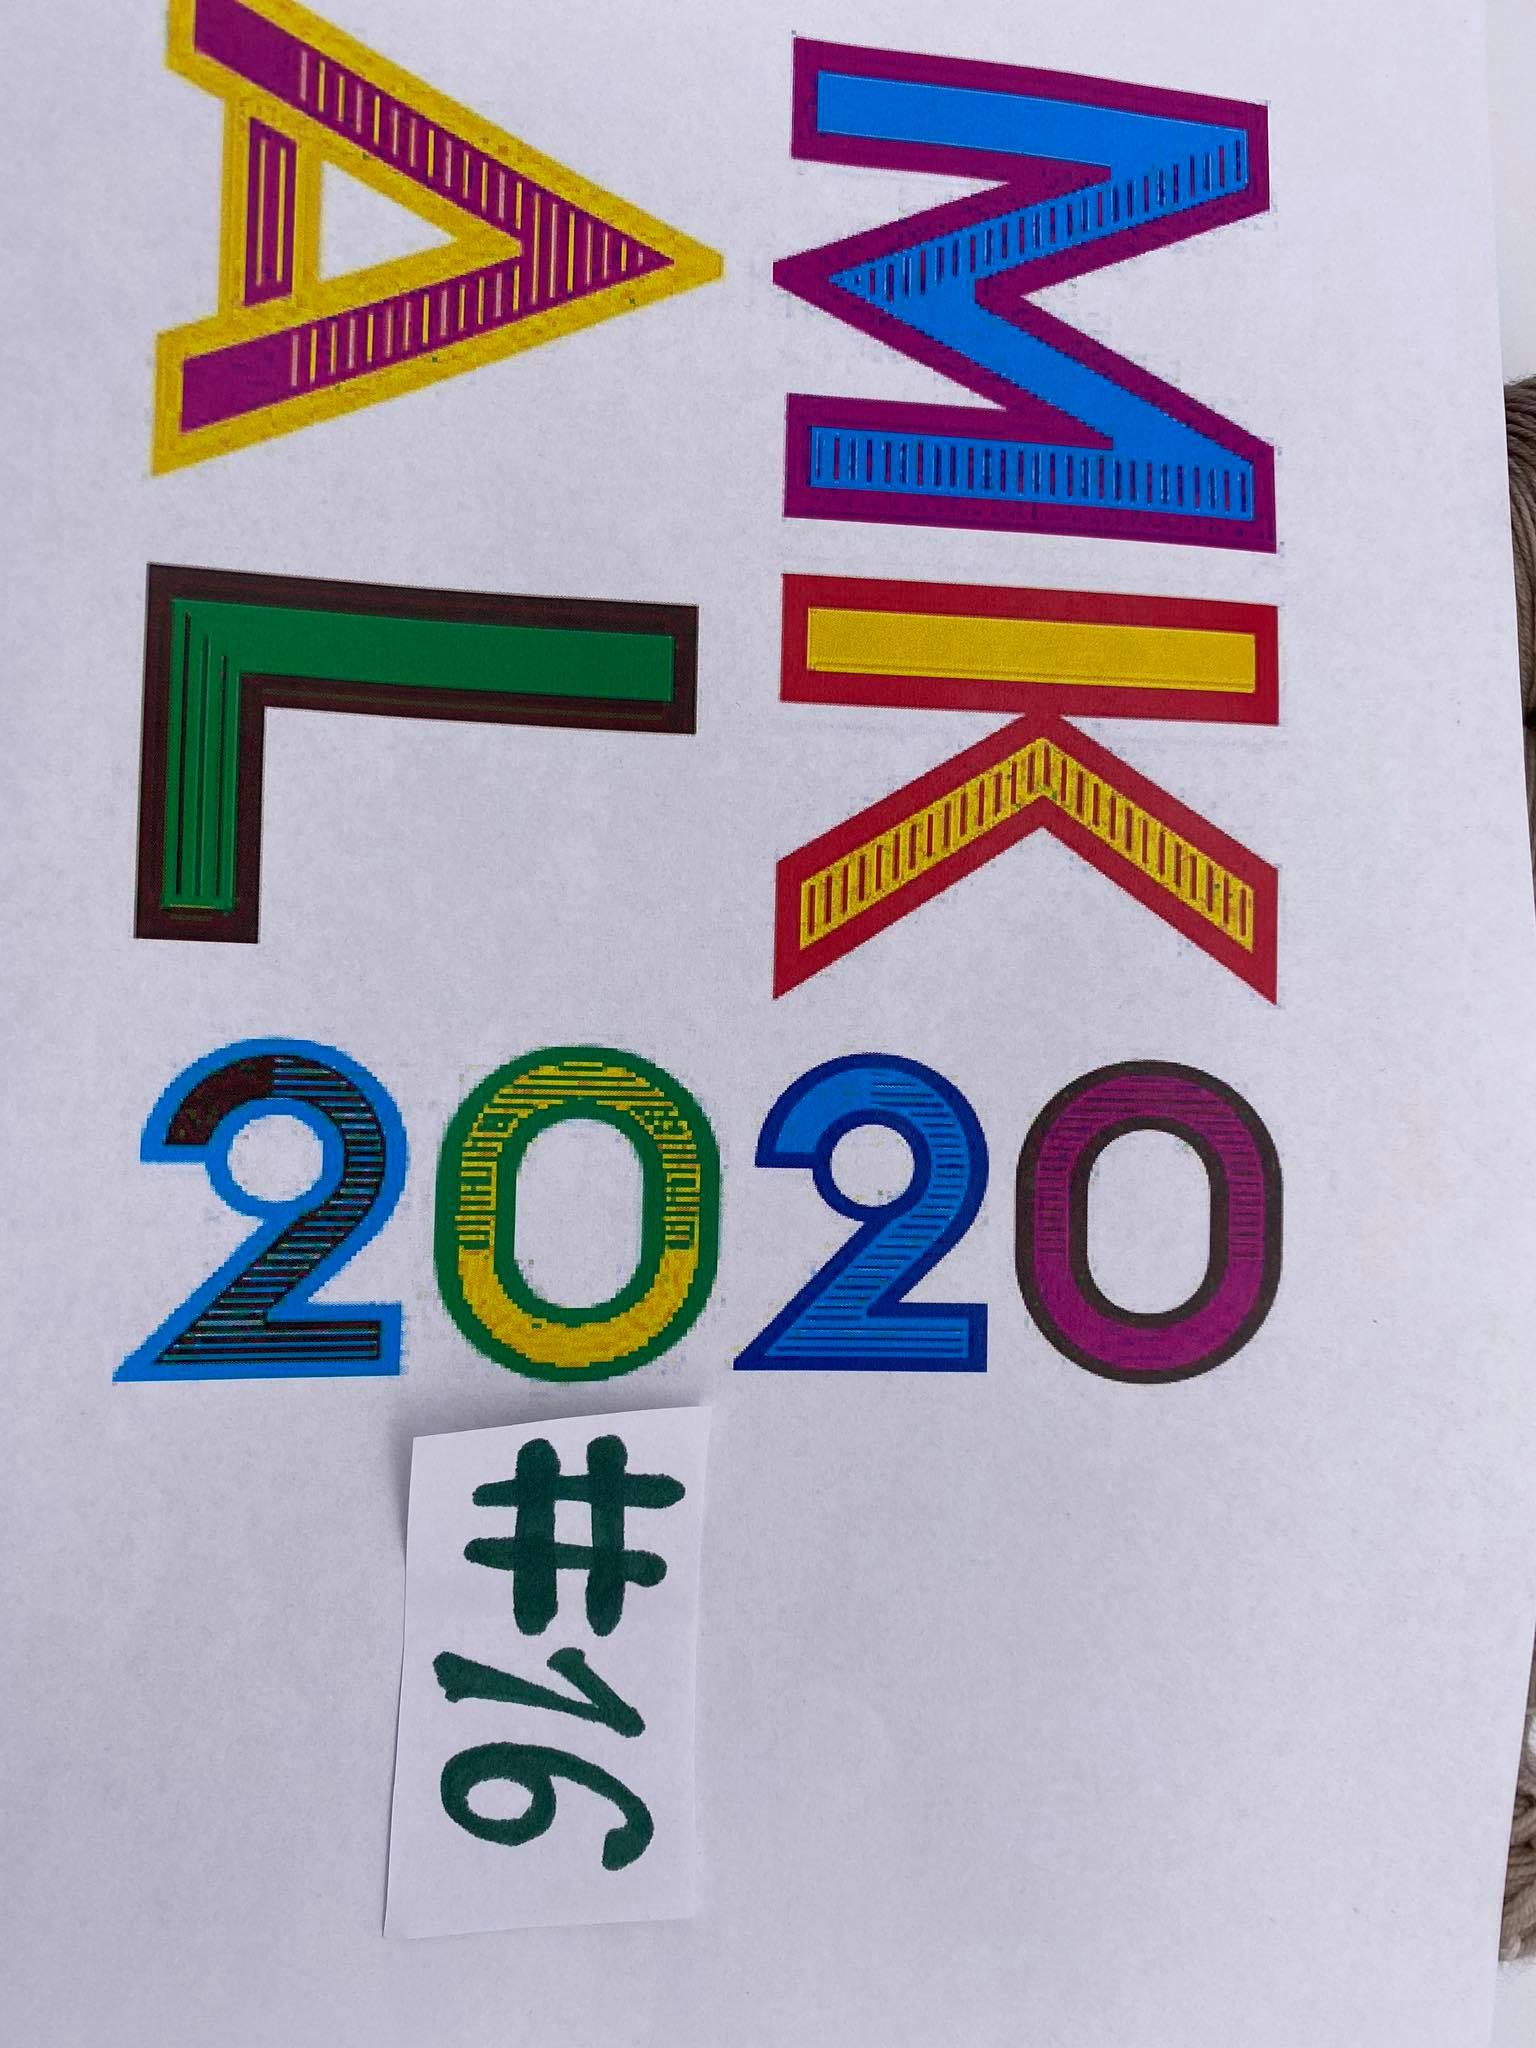 Woll Set Stephen West MKAL Slipstravaganza  #16